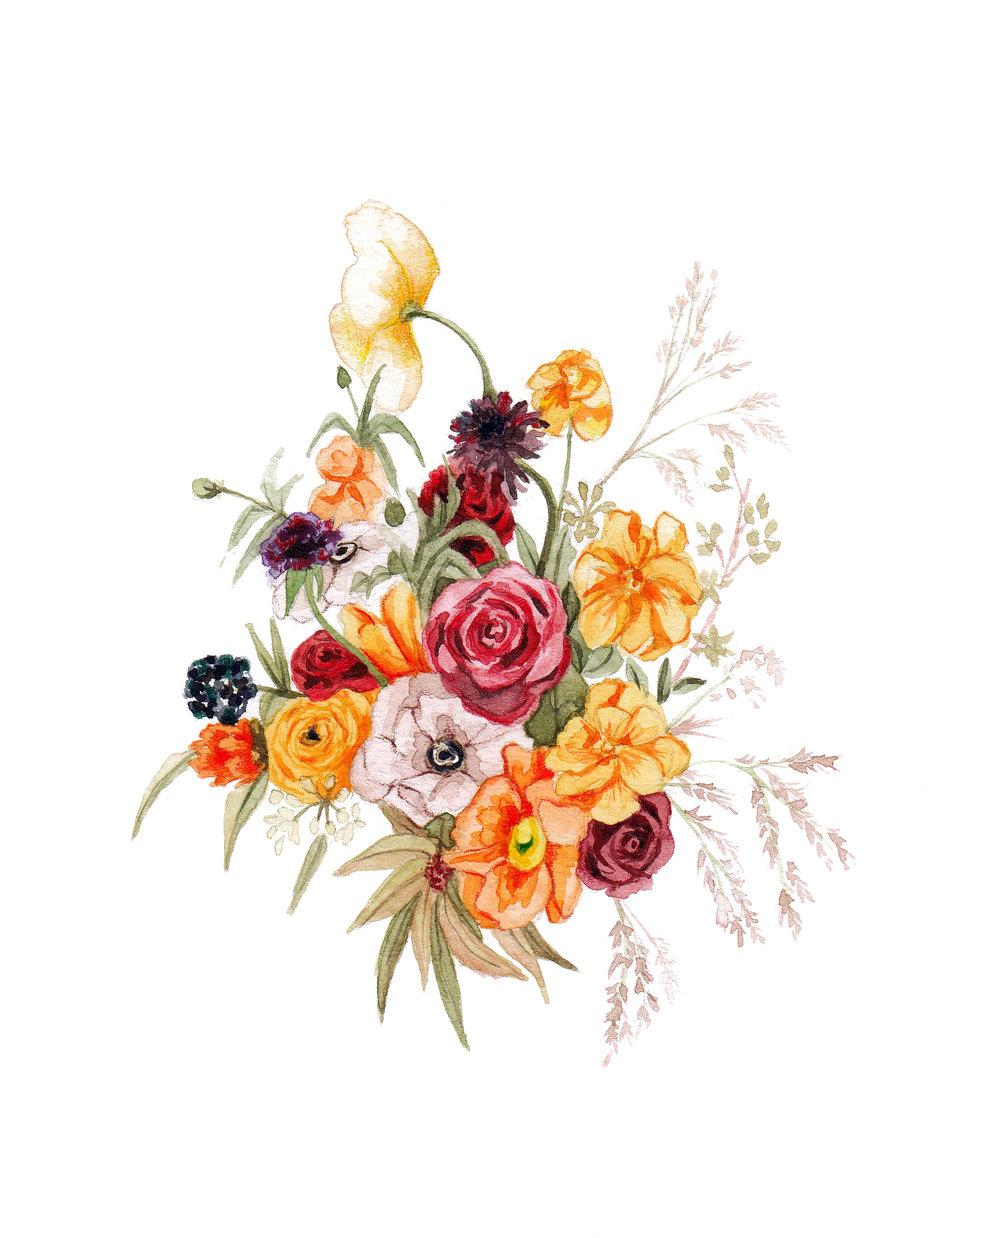 bouquet3_final.jpg